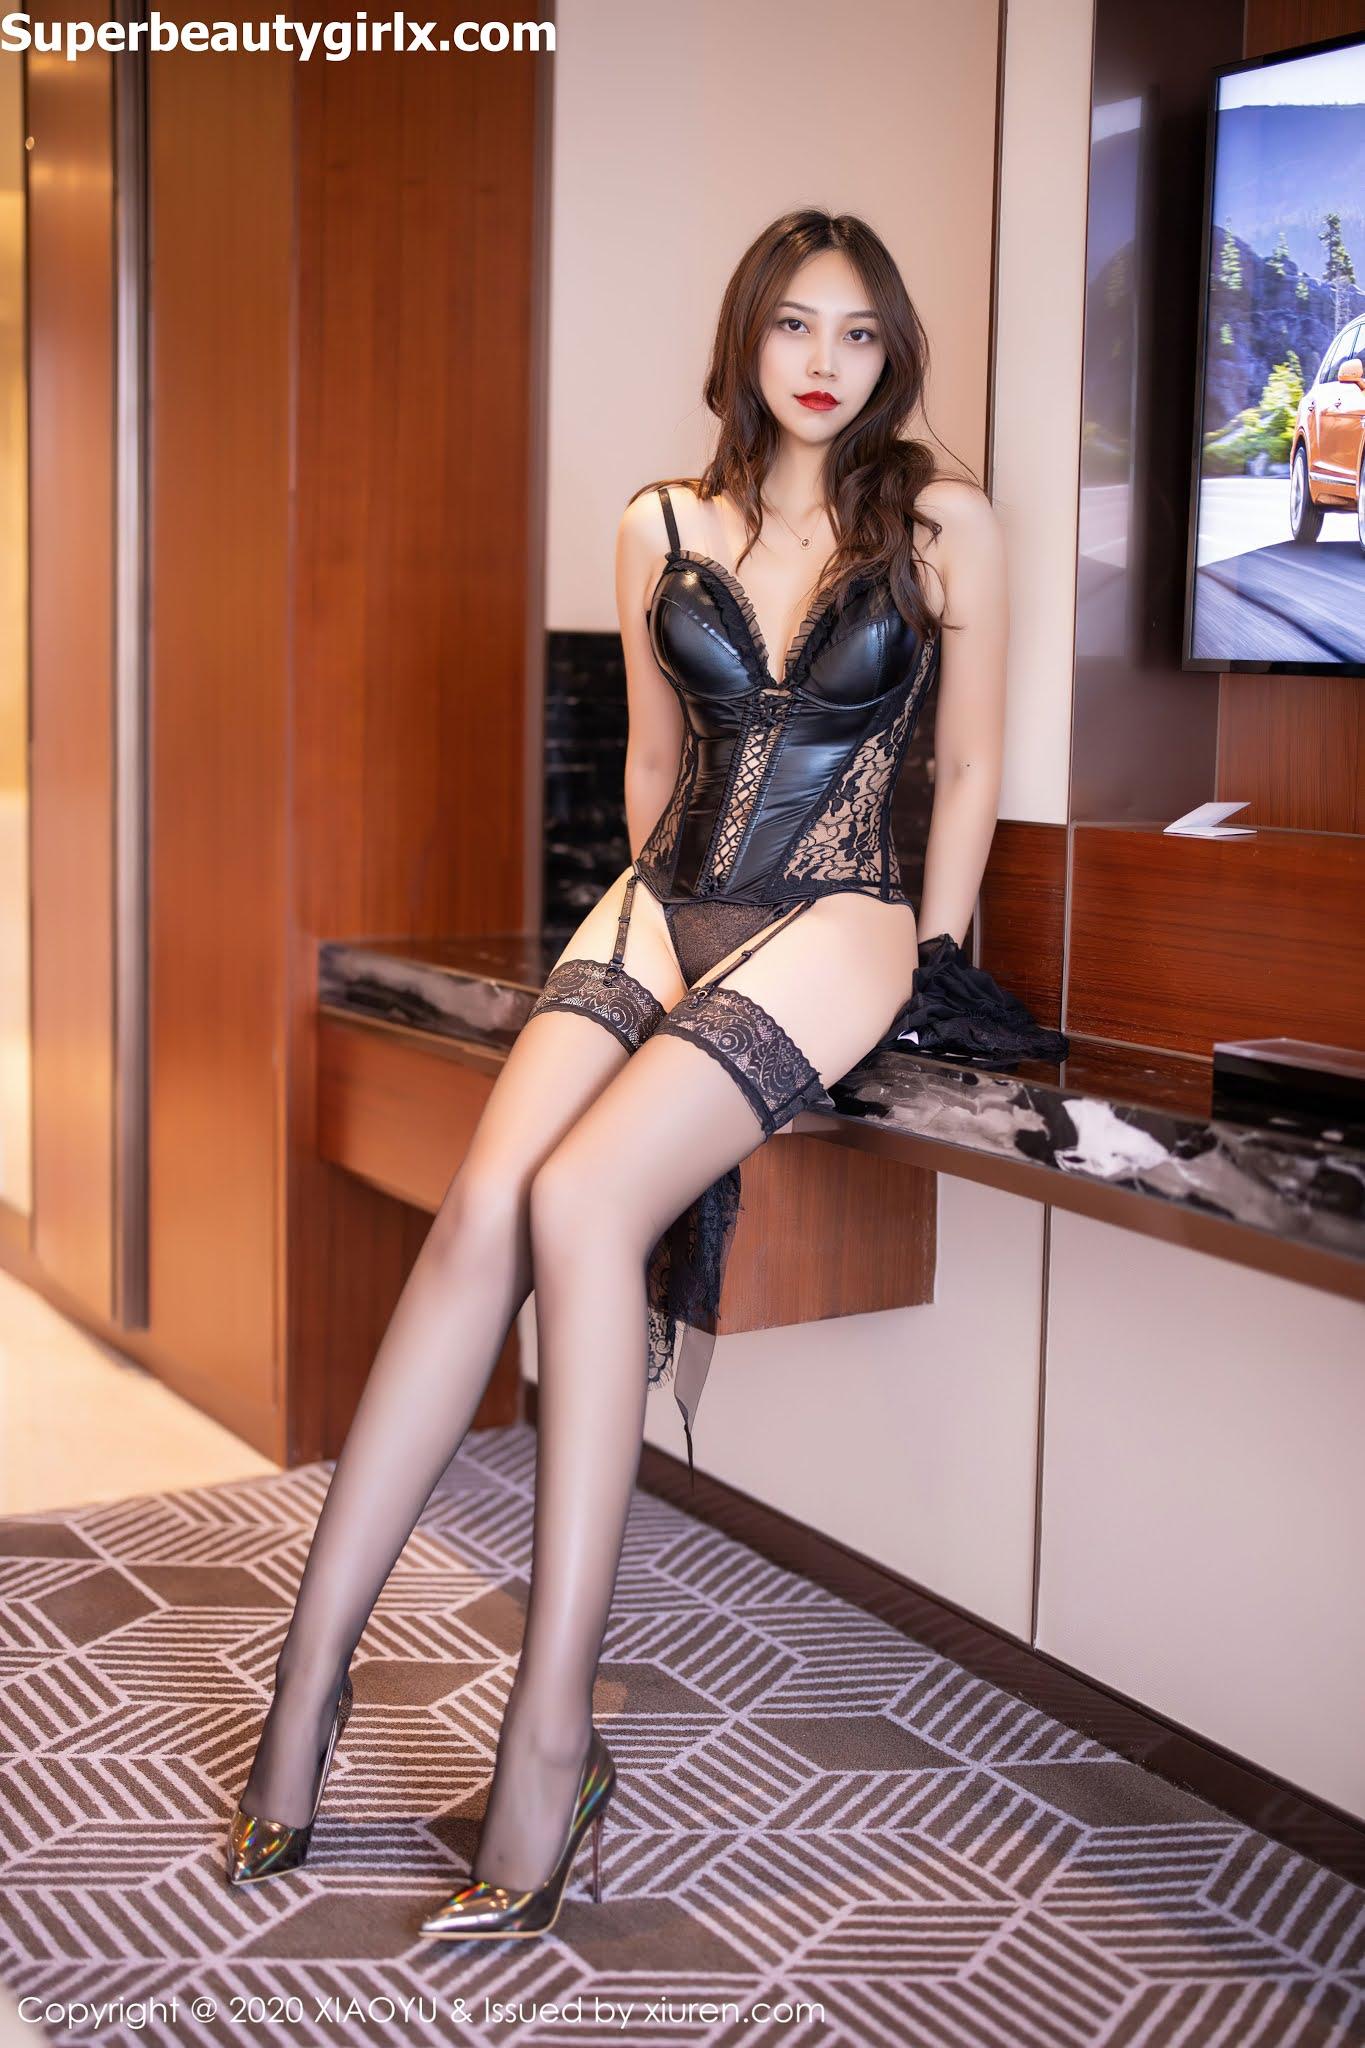 XiaoYu-Vol.440-Zheng-Ying-Shan-Superbeautygirlx.com